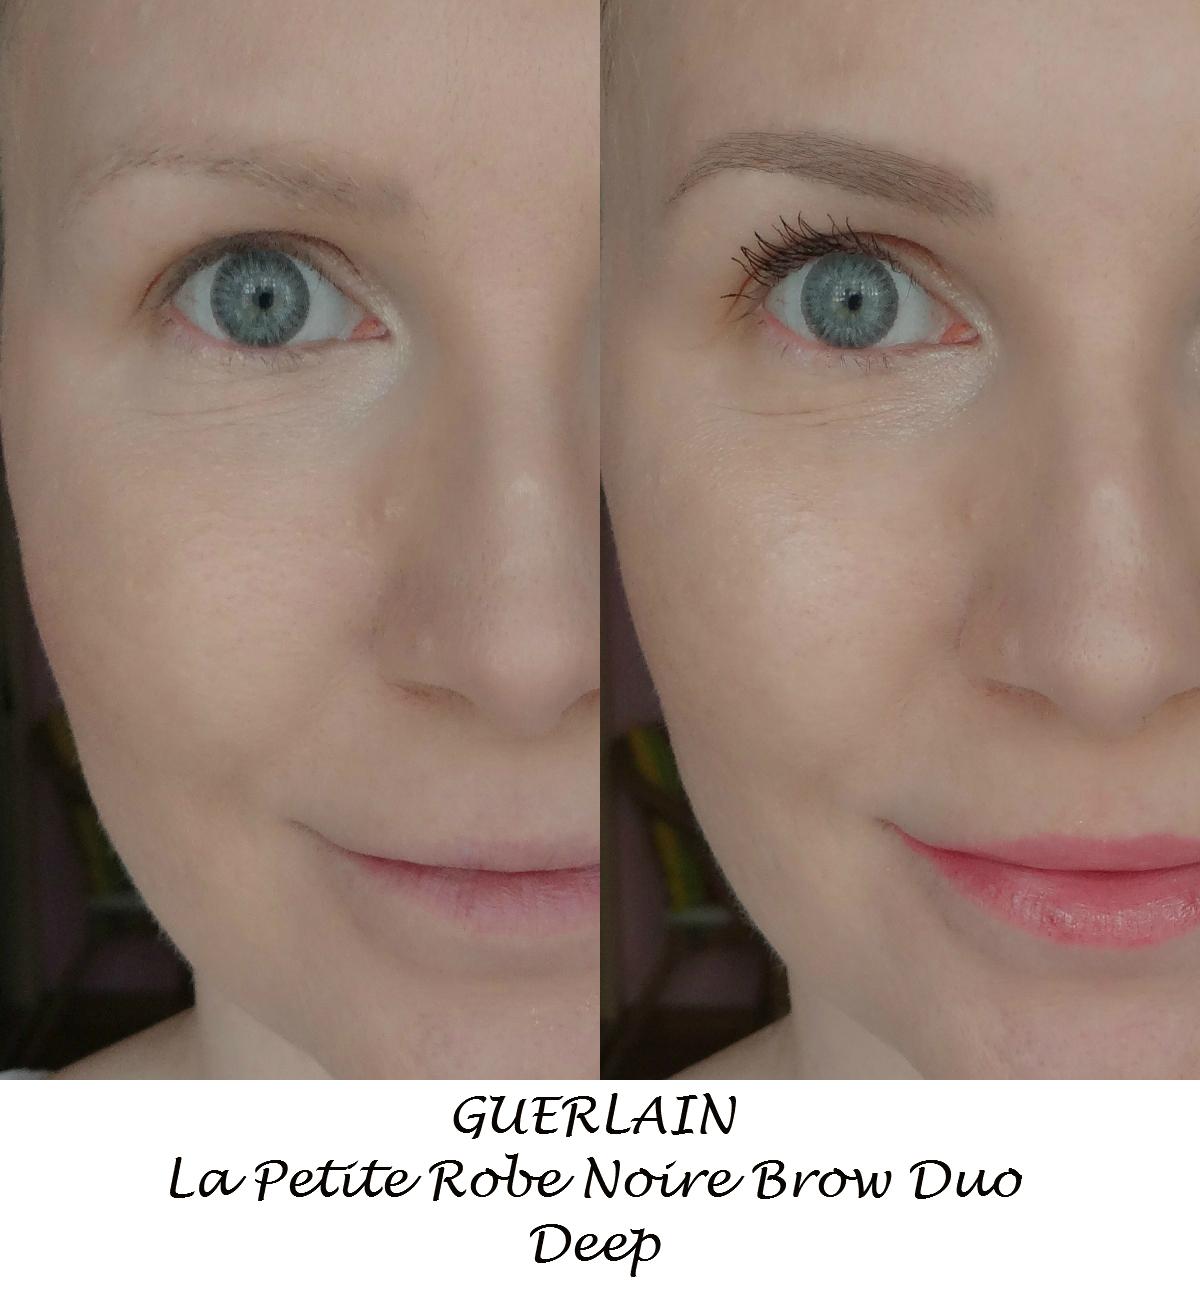 360fa9f3fe7 Guerlain La Petite Robe Noire Brow Duo występuje w dwóch wariantach  kolorystycznych - Light dla blondynek oraz Deep dla szatynek.